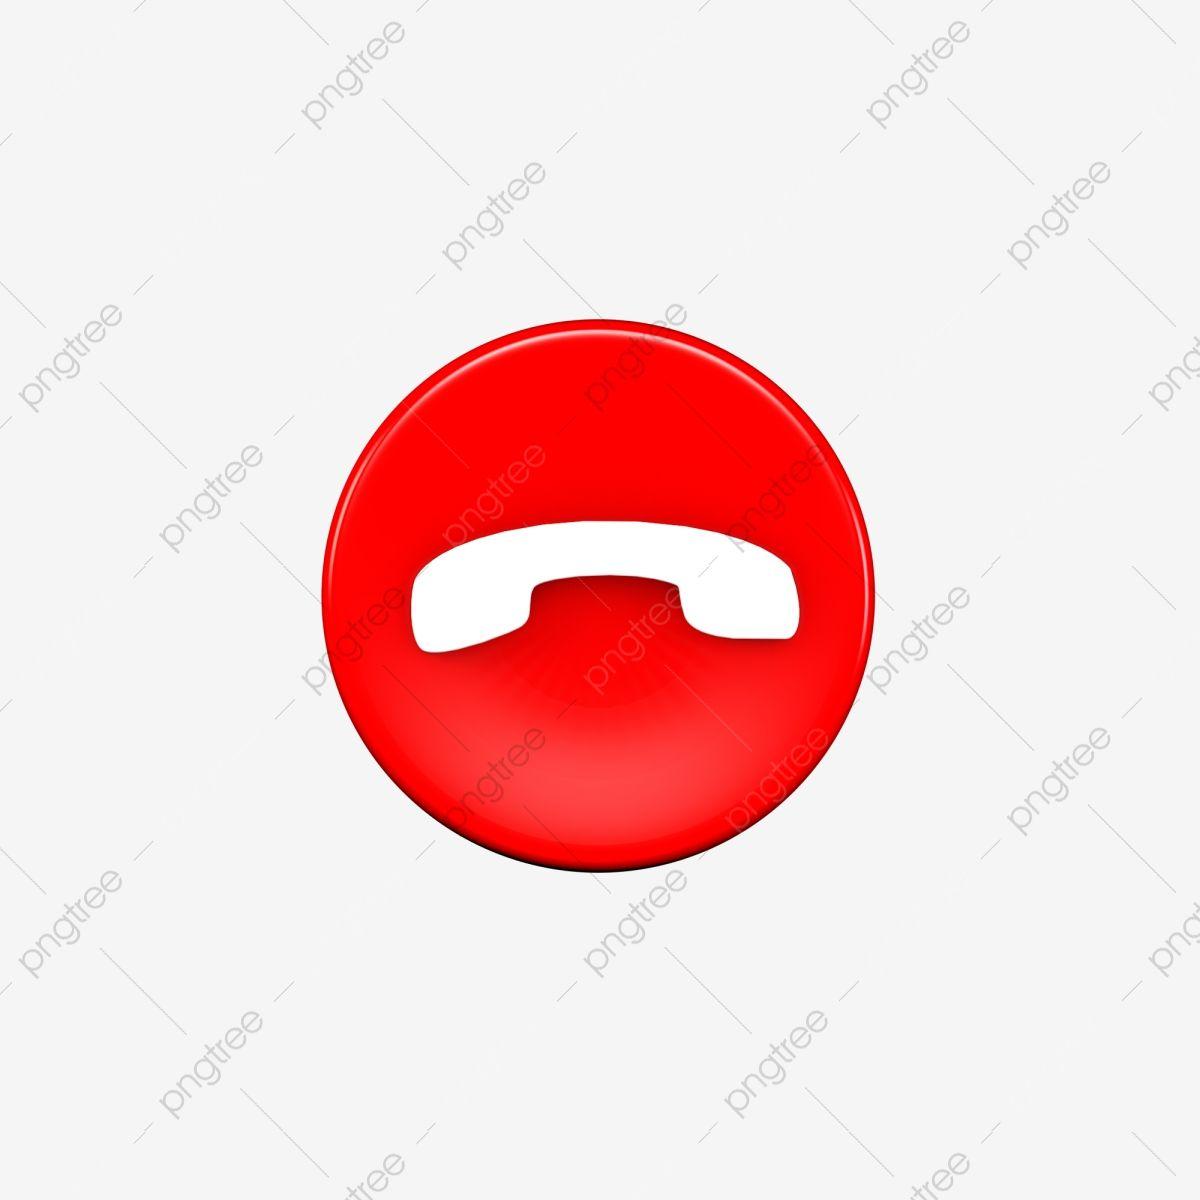 Gambar C4d Menggantung Ikon Tombol Telepon Merah Menutup Telepon Ikon Tombol Png Transparan Dan Clipart Untuk Unduhan Gratis Di 2021 Ikon Latar Belakang Merah